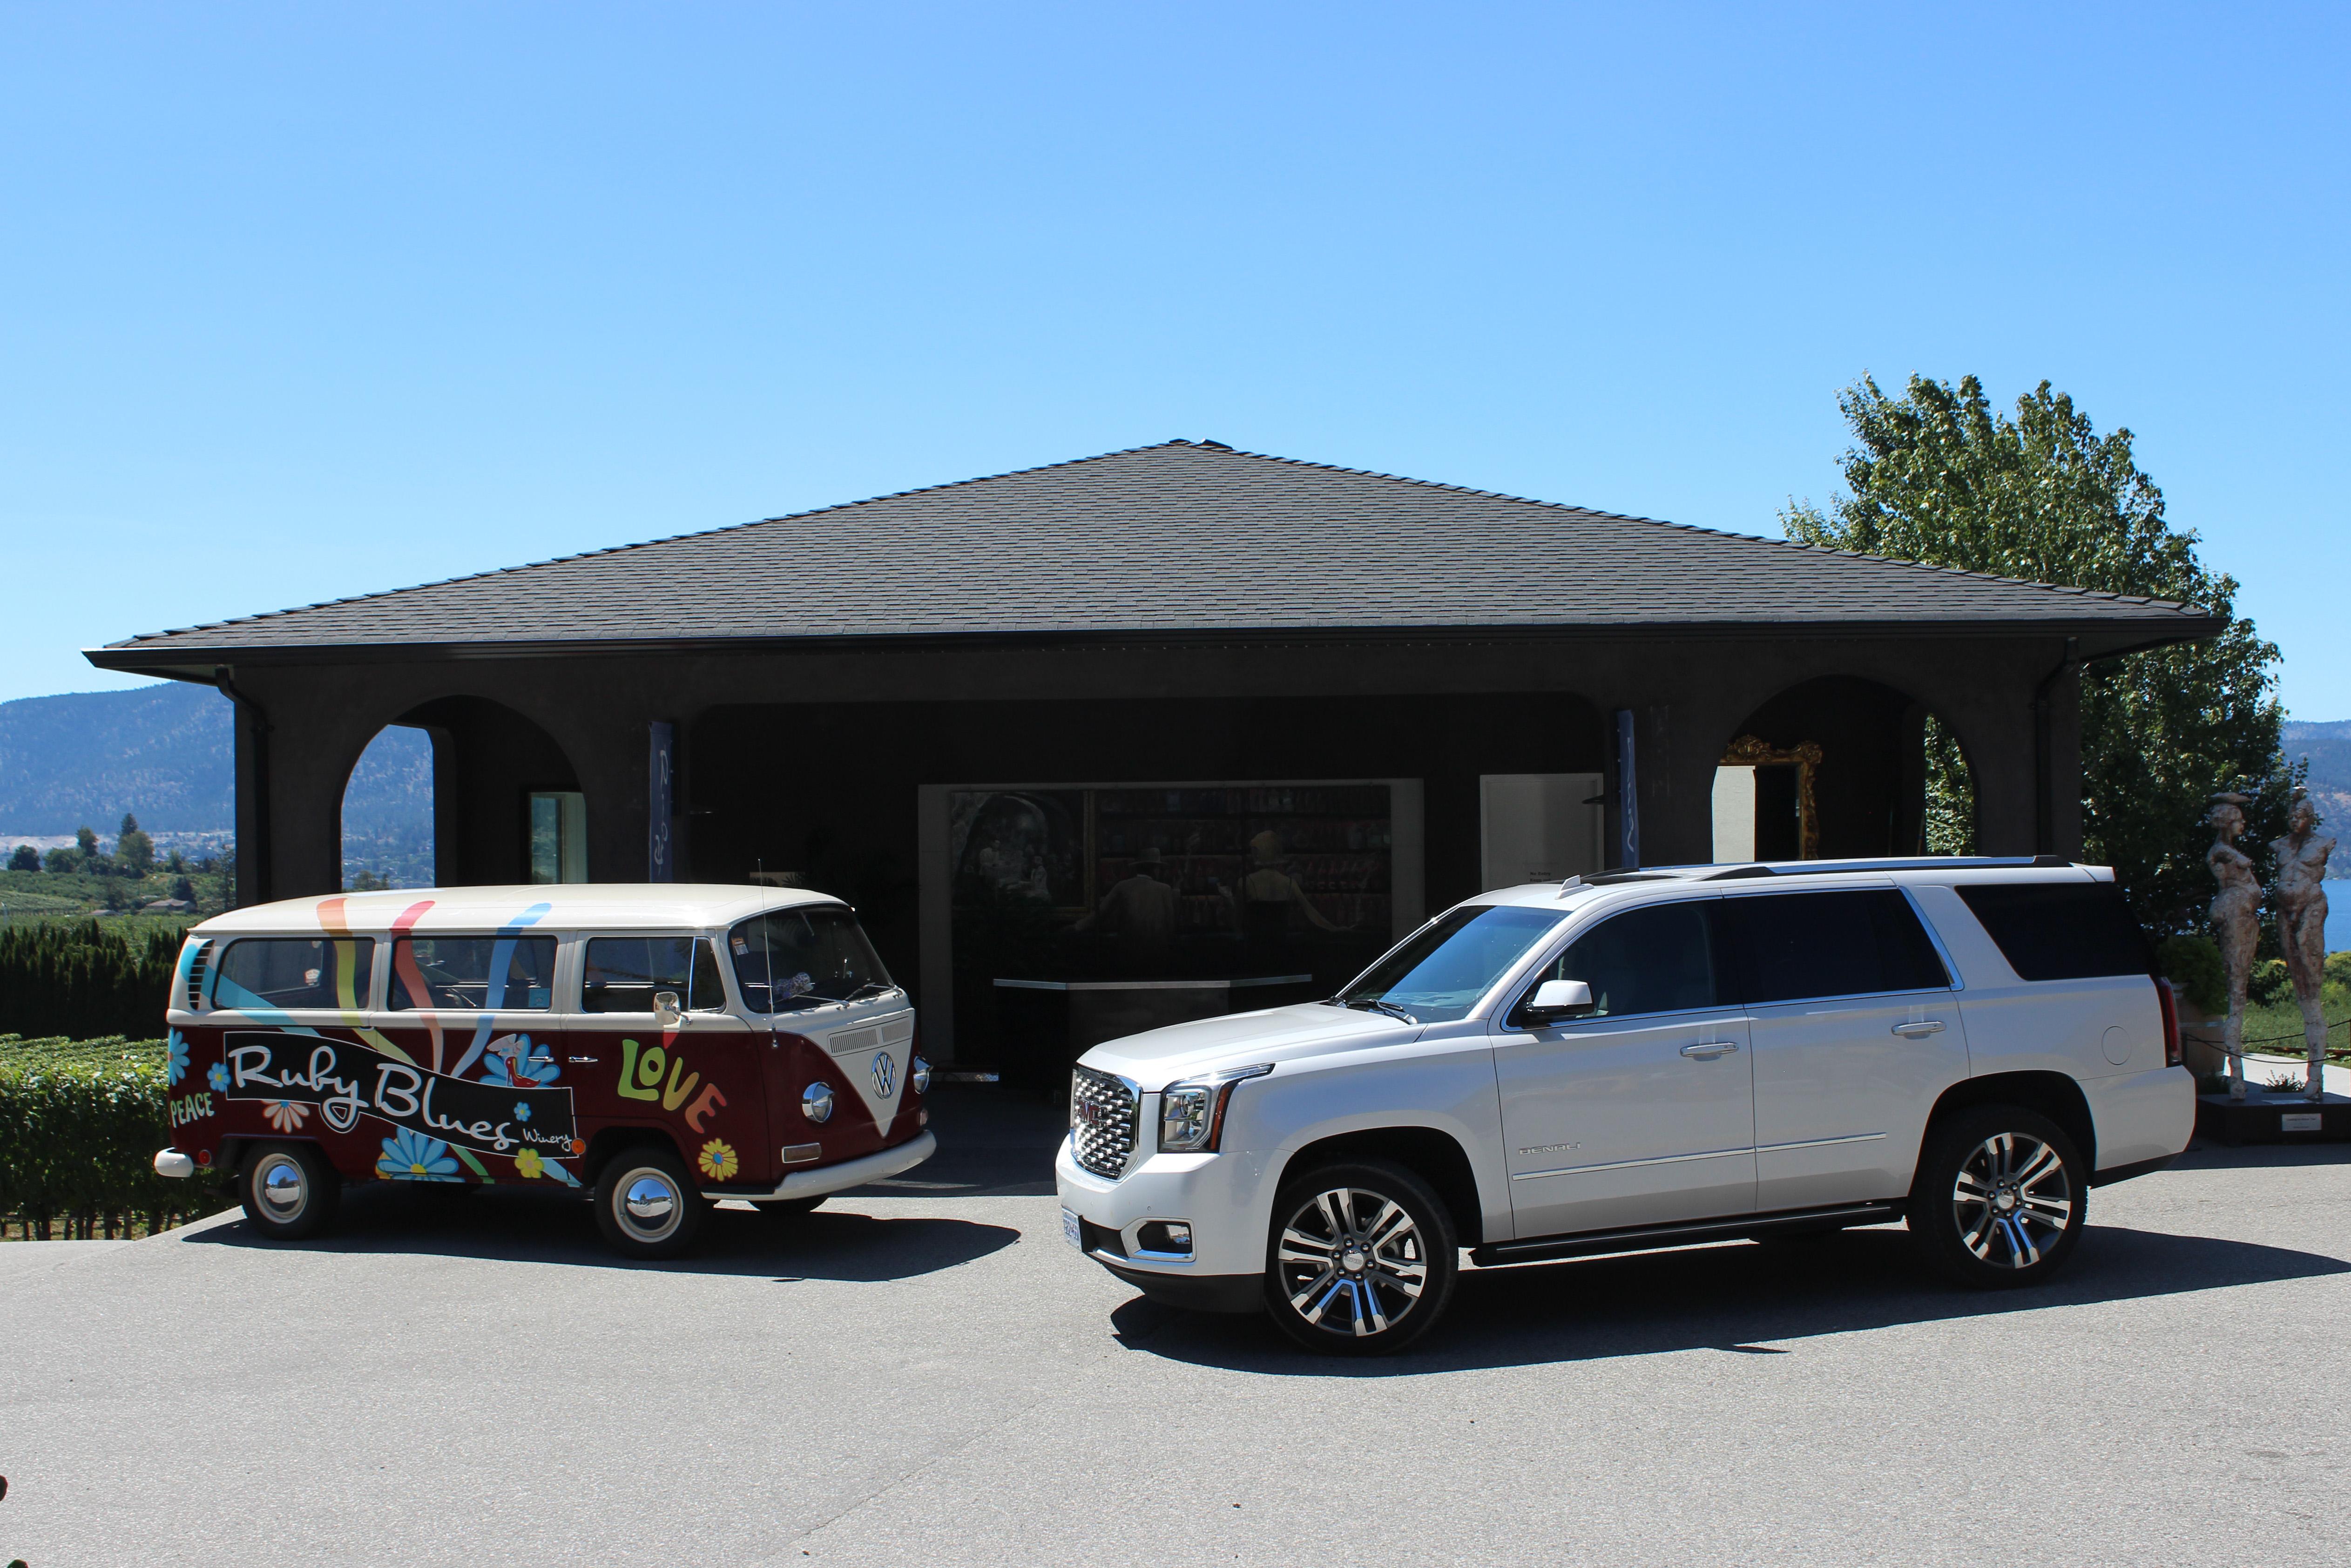 2018 GMC Yukon Denali SUV